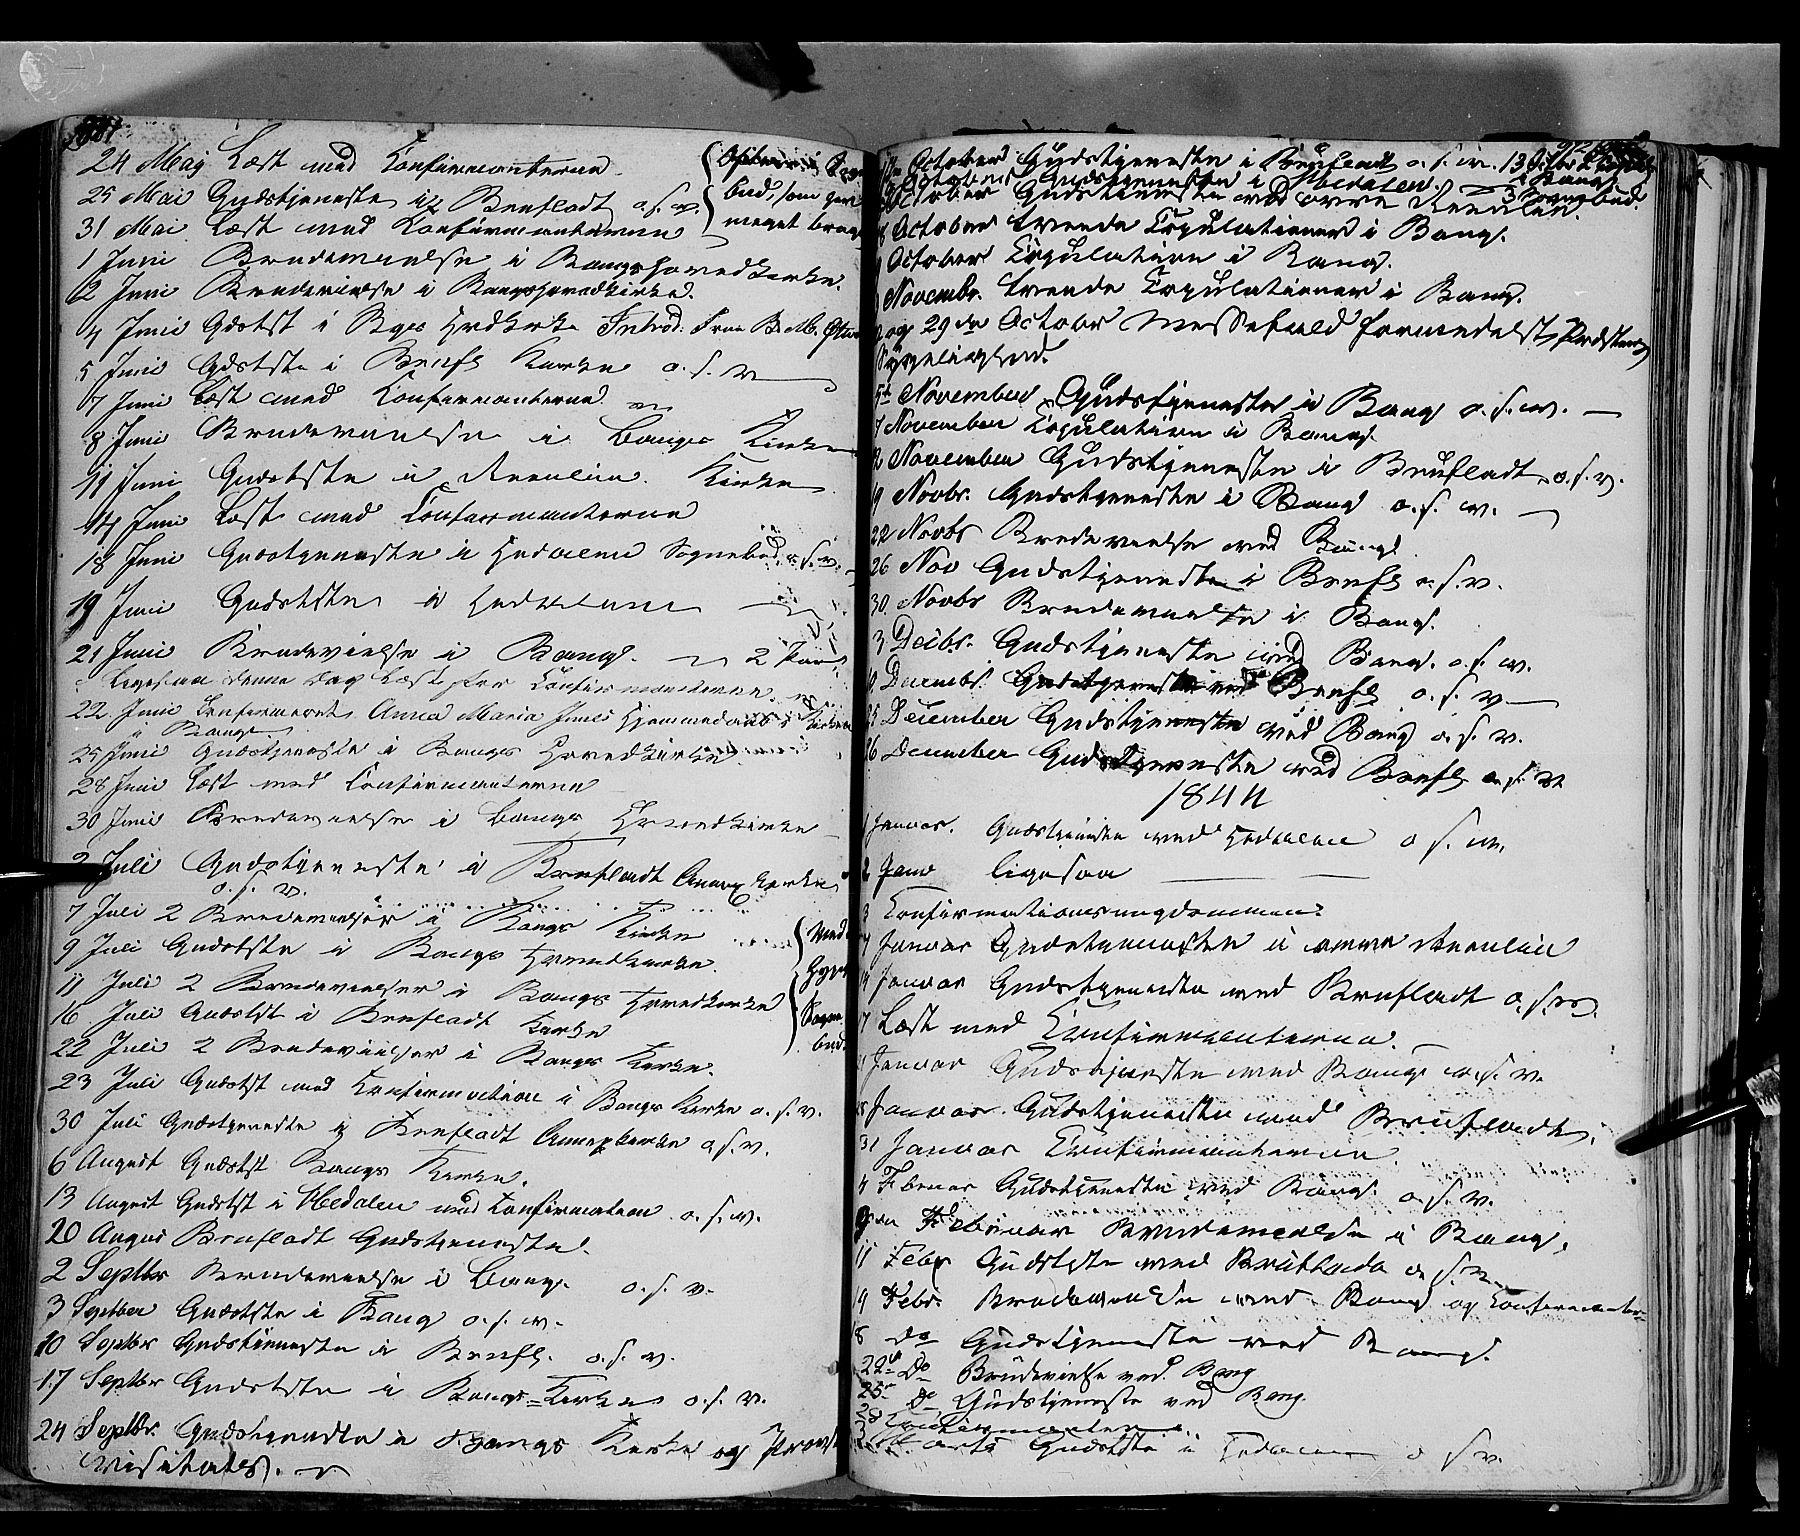 SAH, Sør-Aurdal prestekontor, Ministerialbok nr. 4, 1841-1849, s. 971-972